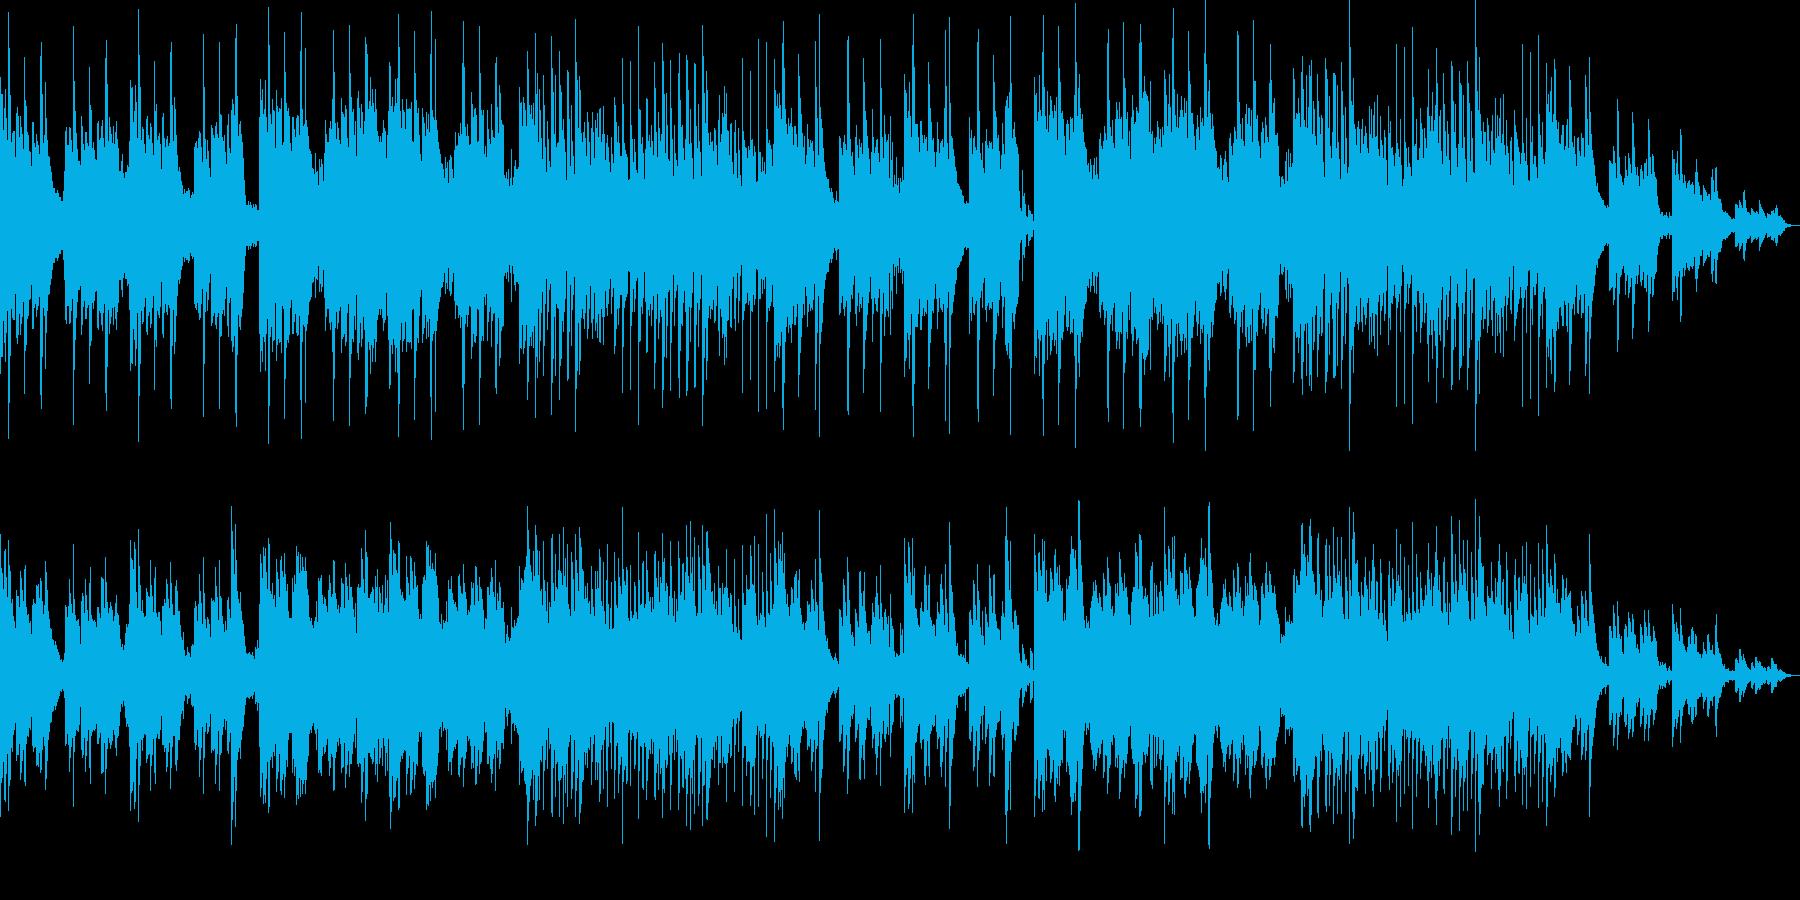 不気味なホラー曲 ピアノと木管系の再生済みの波形